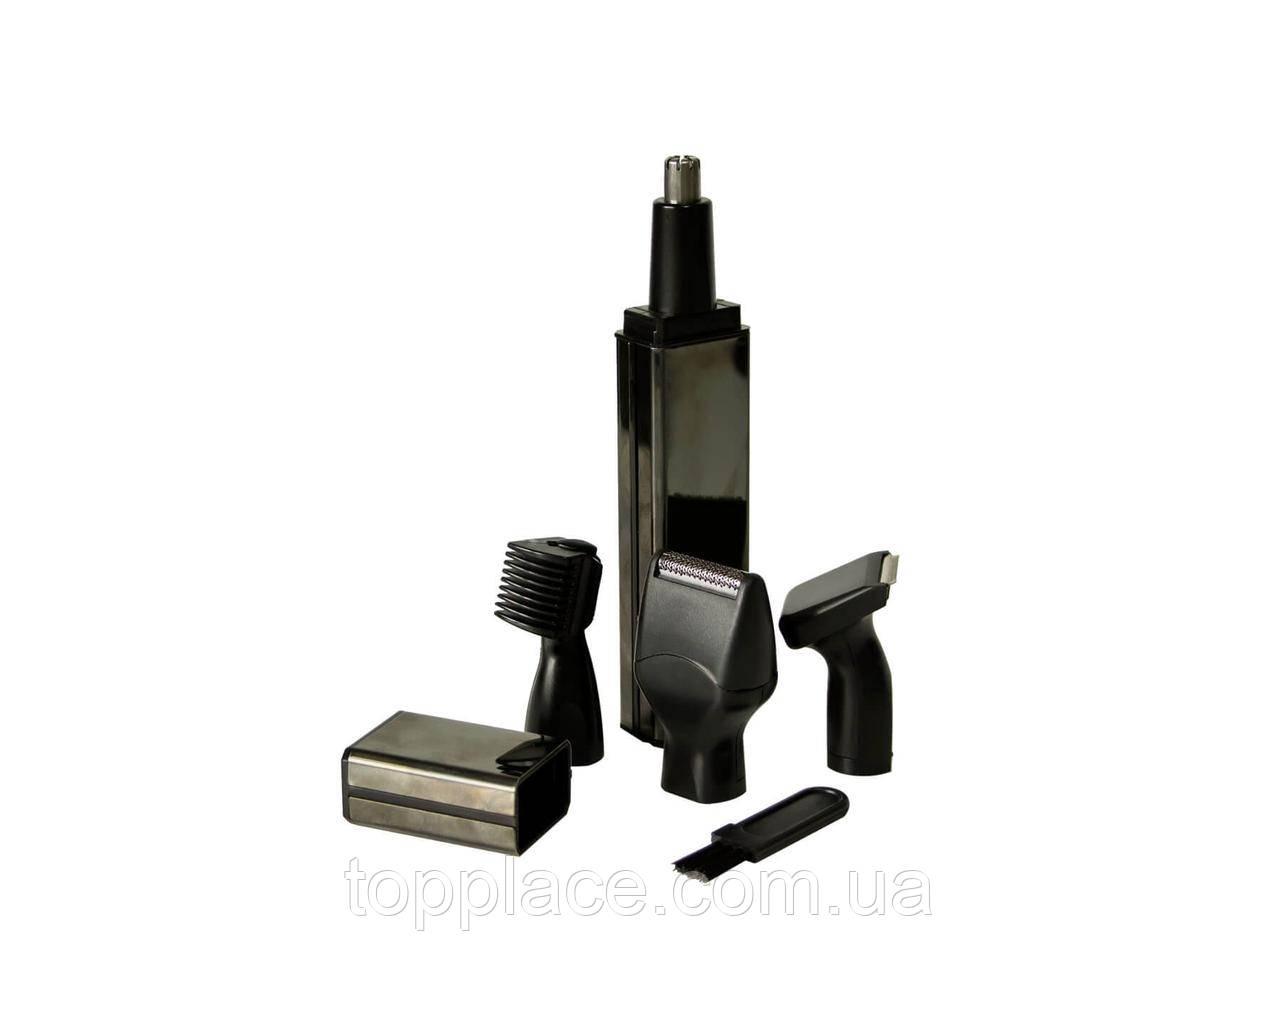 Аккумуляторный триммер-бритва 4 в 1 ProGemei GM-3116 для носа, ушей, бороды и висков